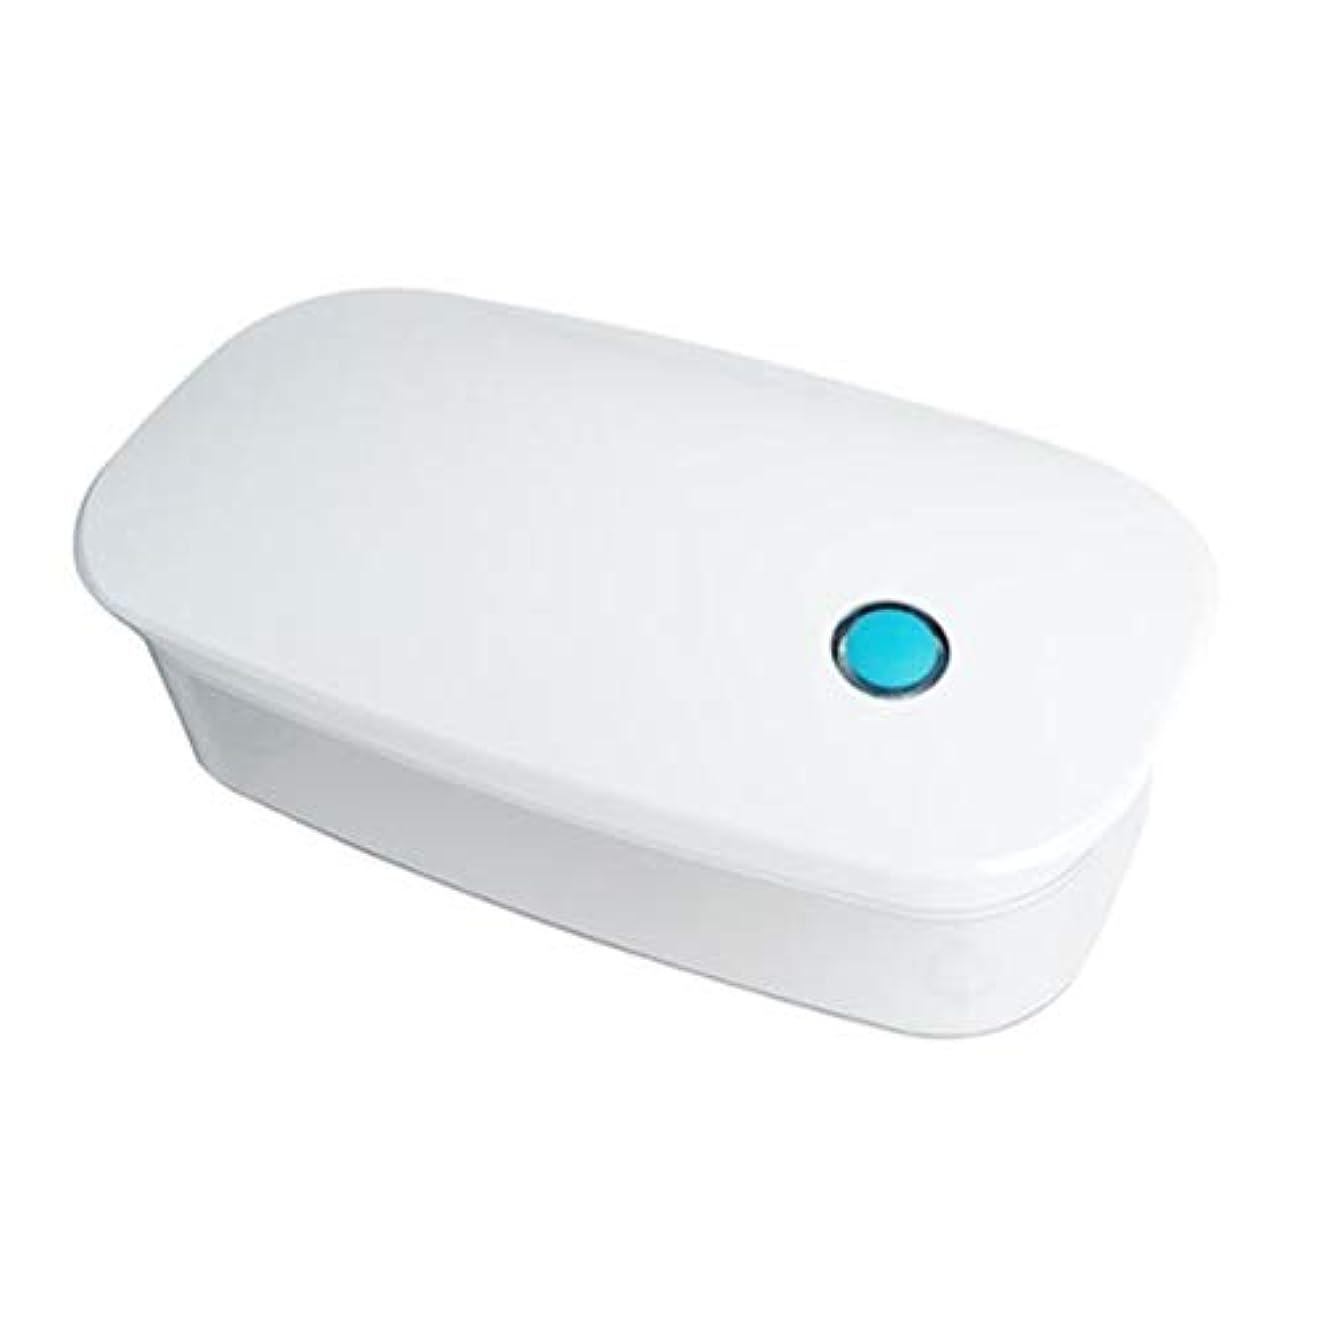 帳面物質受信機SUPVOX UVコンタクトレンズクリーナーコンタクトレンズ滅菌ケース